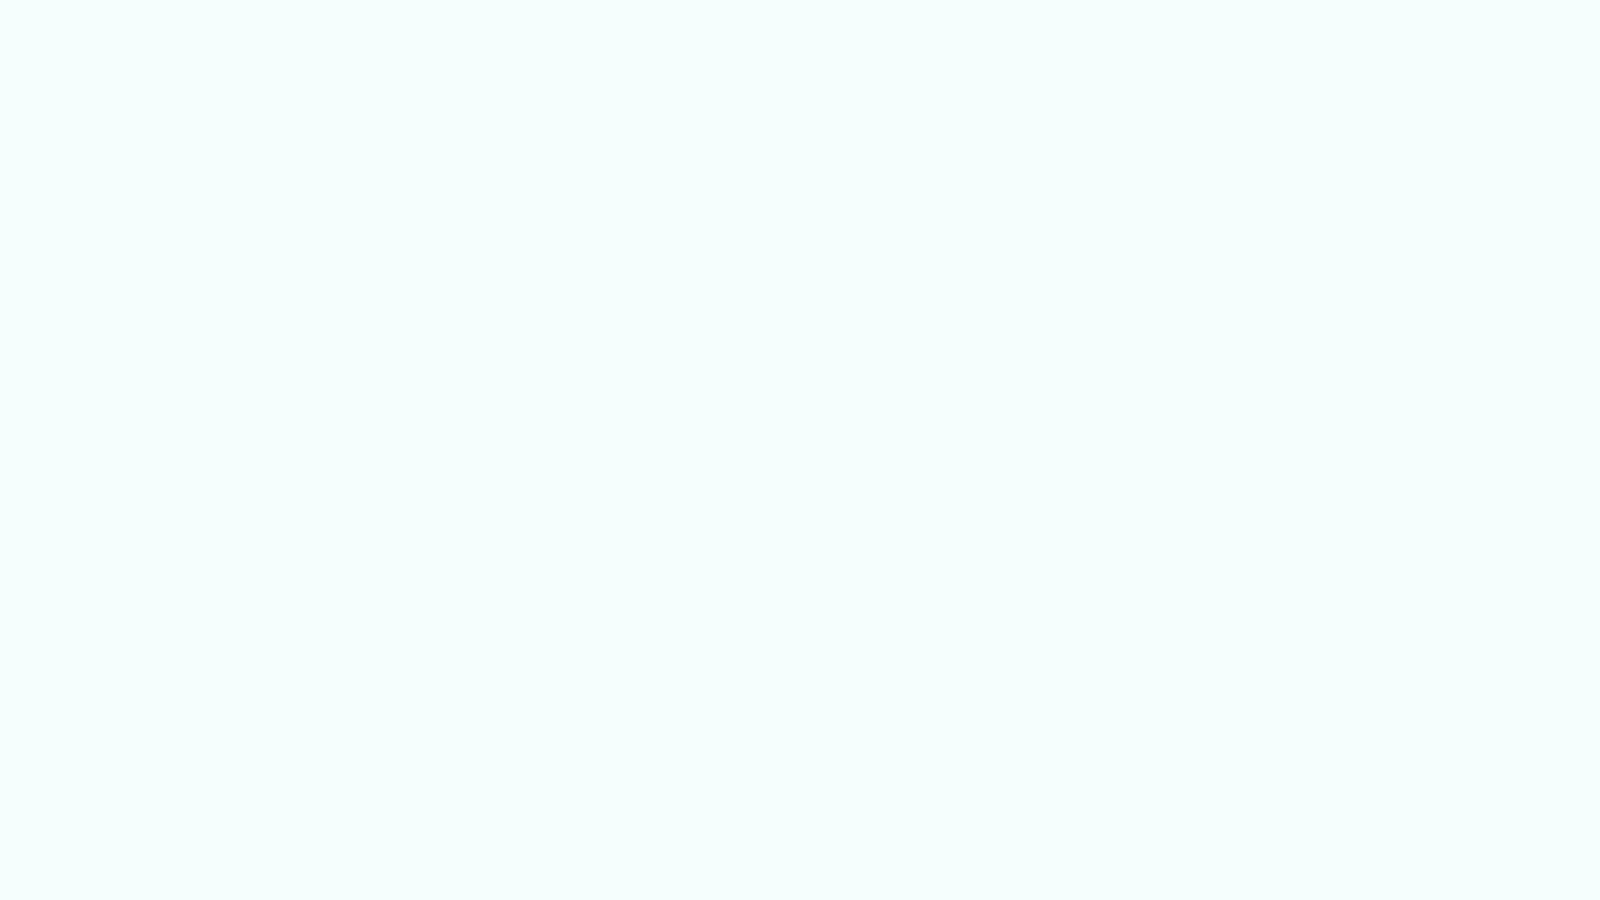 Лента ABS 001 Матовая 23х1мм, Bianco (белый)